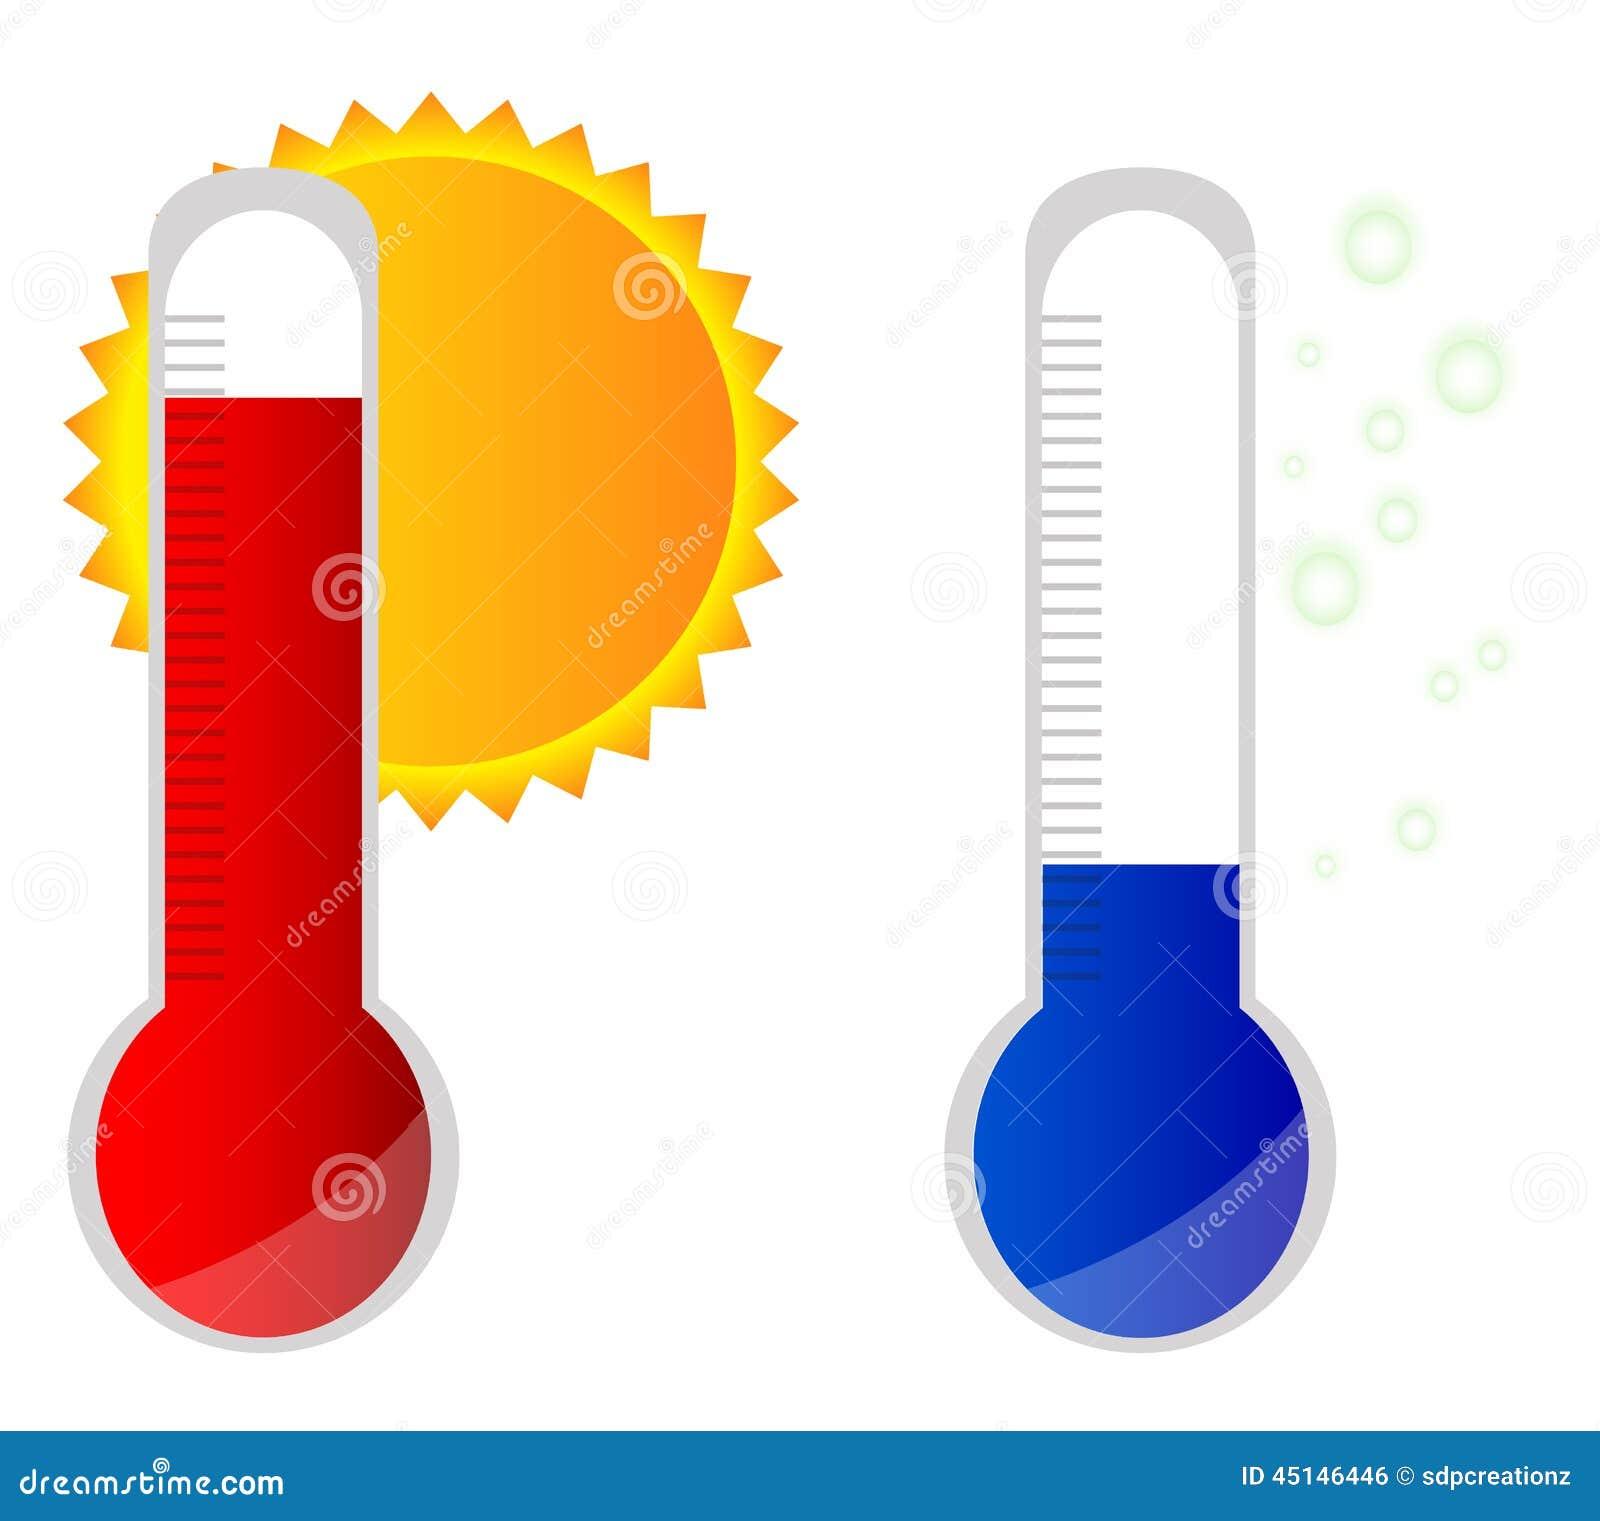 Termometro Quente E Fresco Da Temperatura Ilustracao Stock Ilustracao De Temperatura Quente 45146446 Entrá y conocé nuestras increíbles ofertas y promociones. dreamstime